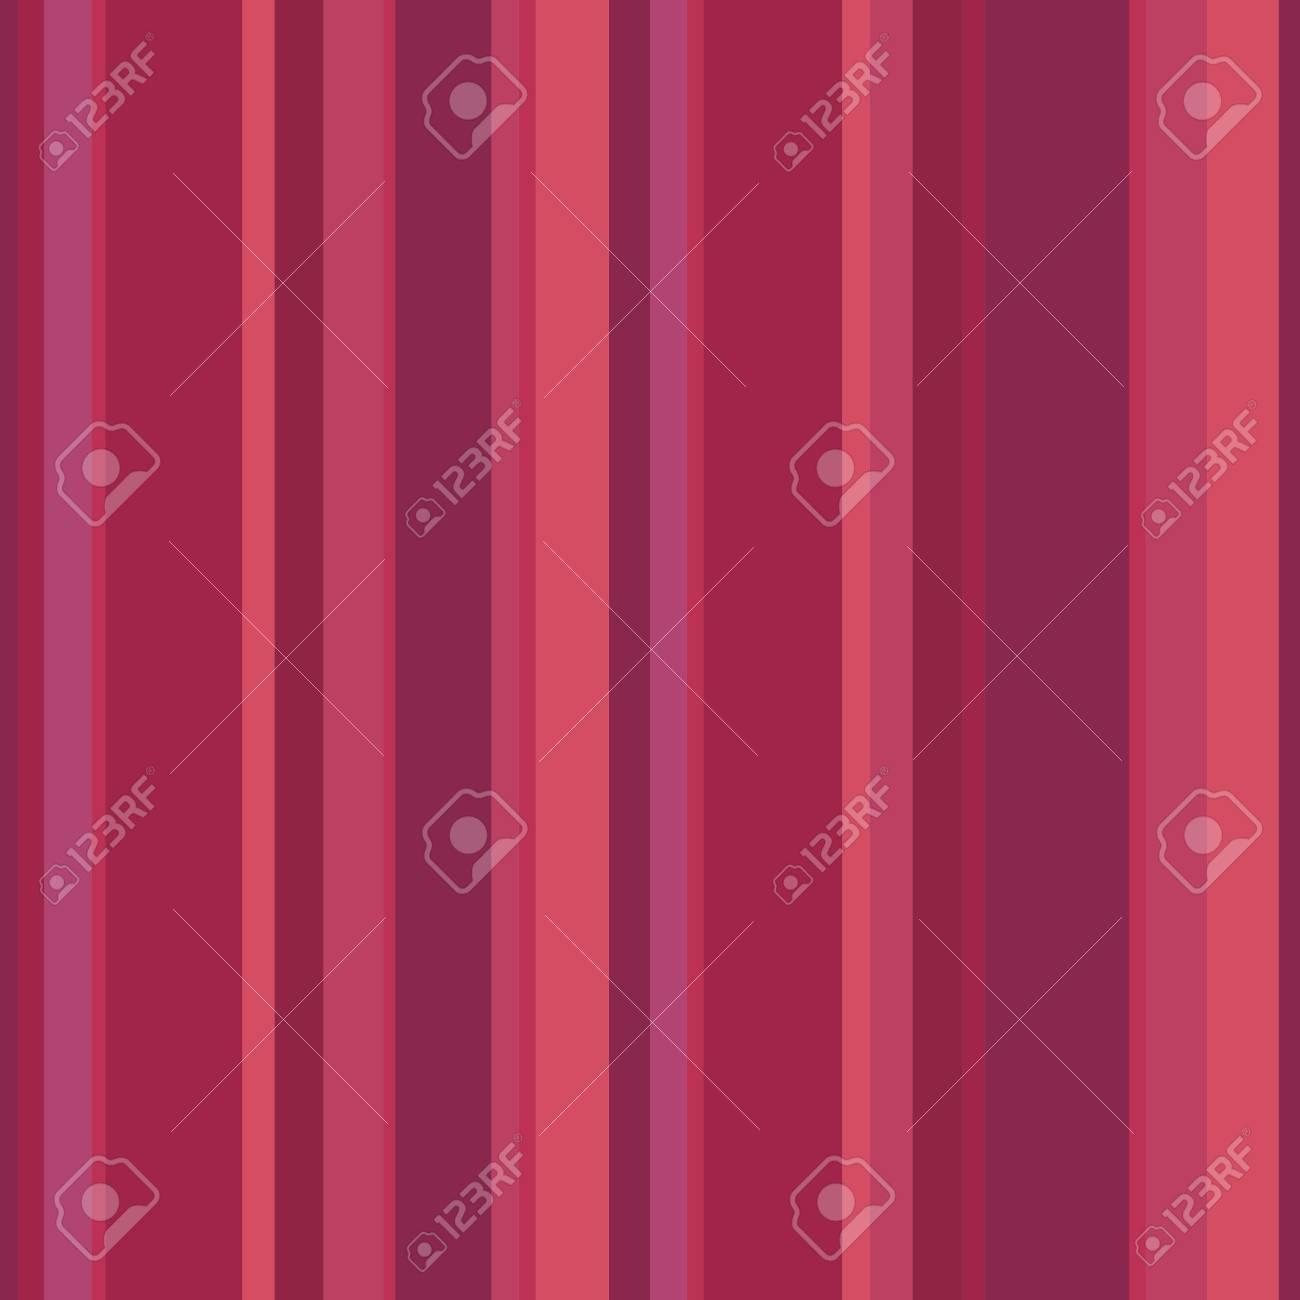 Carta Da Parati A Righe Rosse.Immagini Stock Carta Da Parati Astratta Con Strisce Rosso E